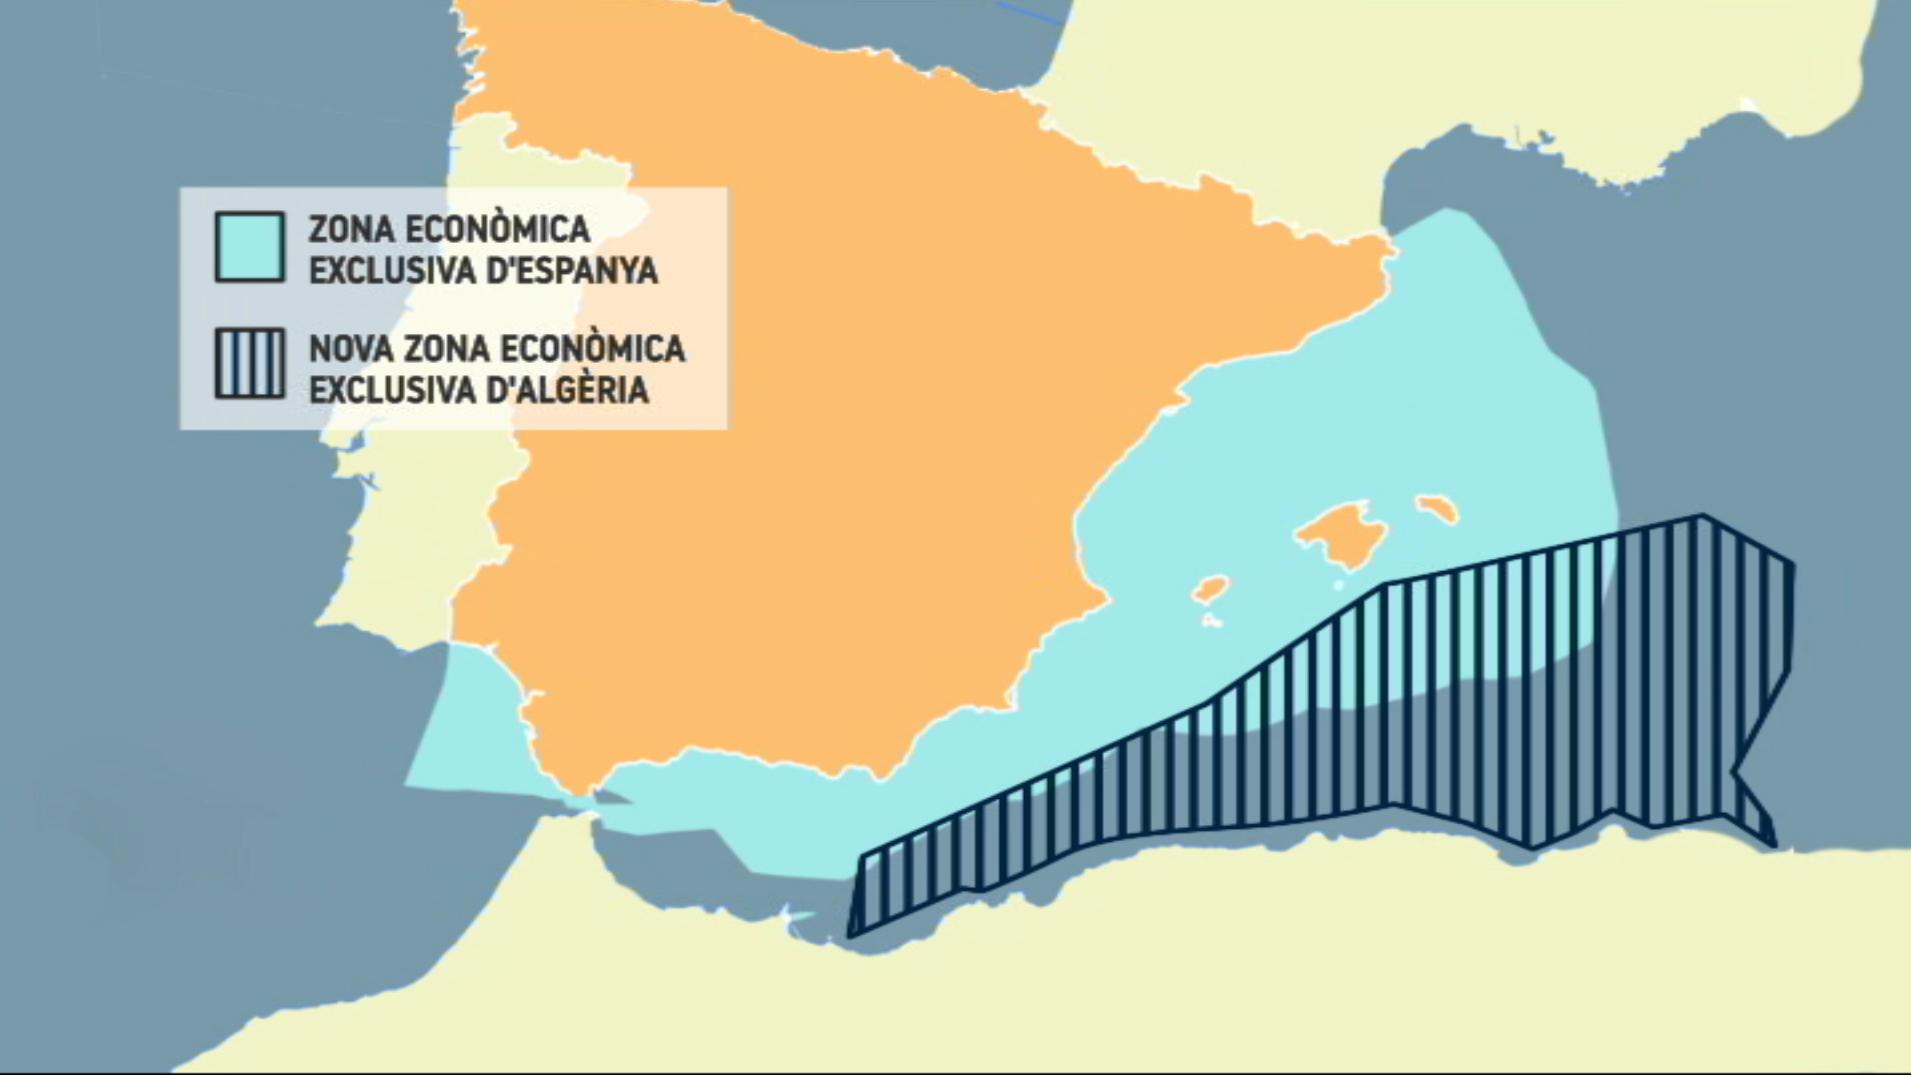 Espanya+i+Alg%C3%A8ria+es+reuniran+pel+conflicte+dels+l%C3%ADmits+de+la+Zona+Econ%C3%B2mica+Exclusiva